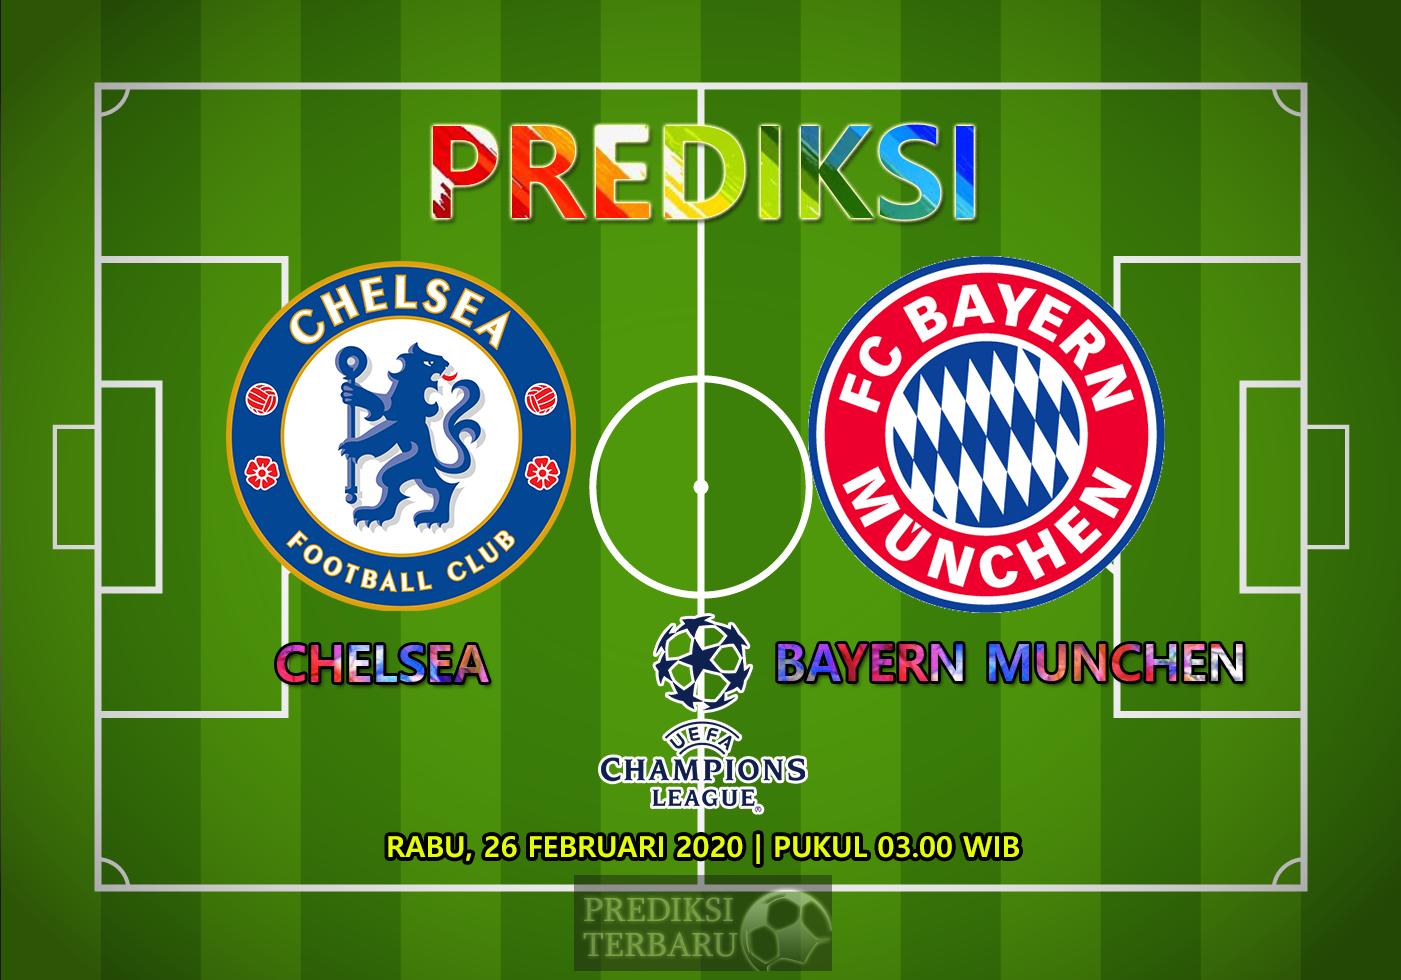 Prediksi Chelsea Vs Bayern Munchen, Rabu 26 Februari